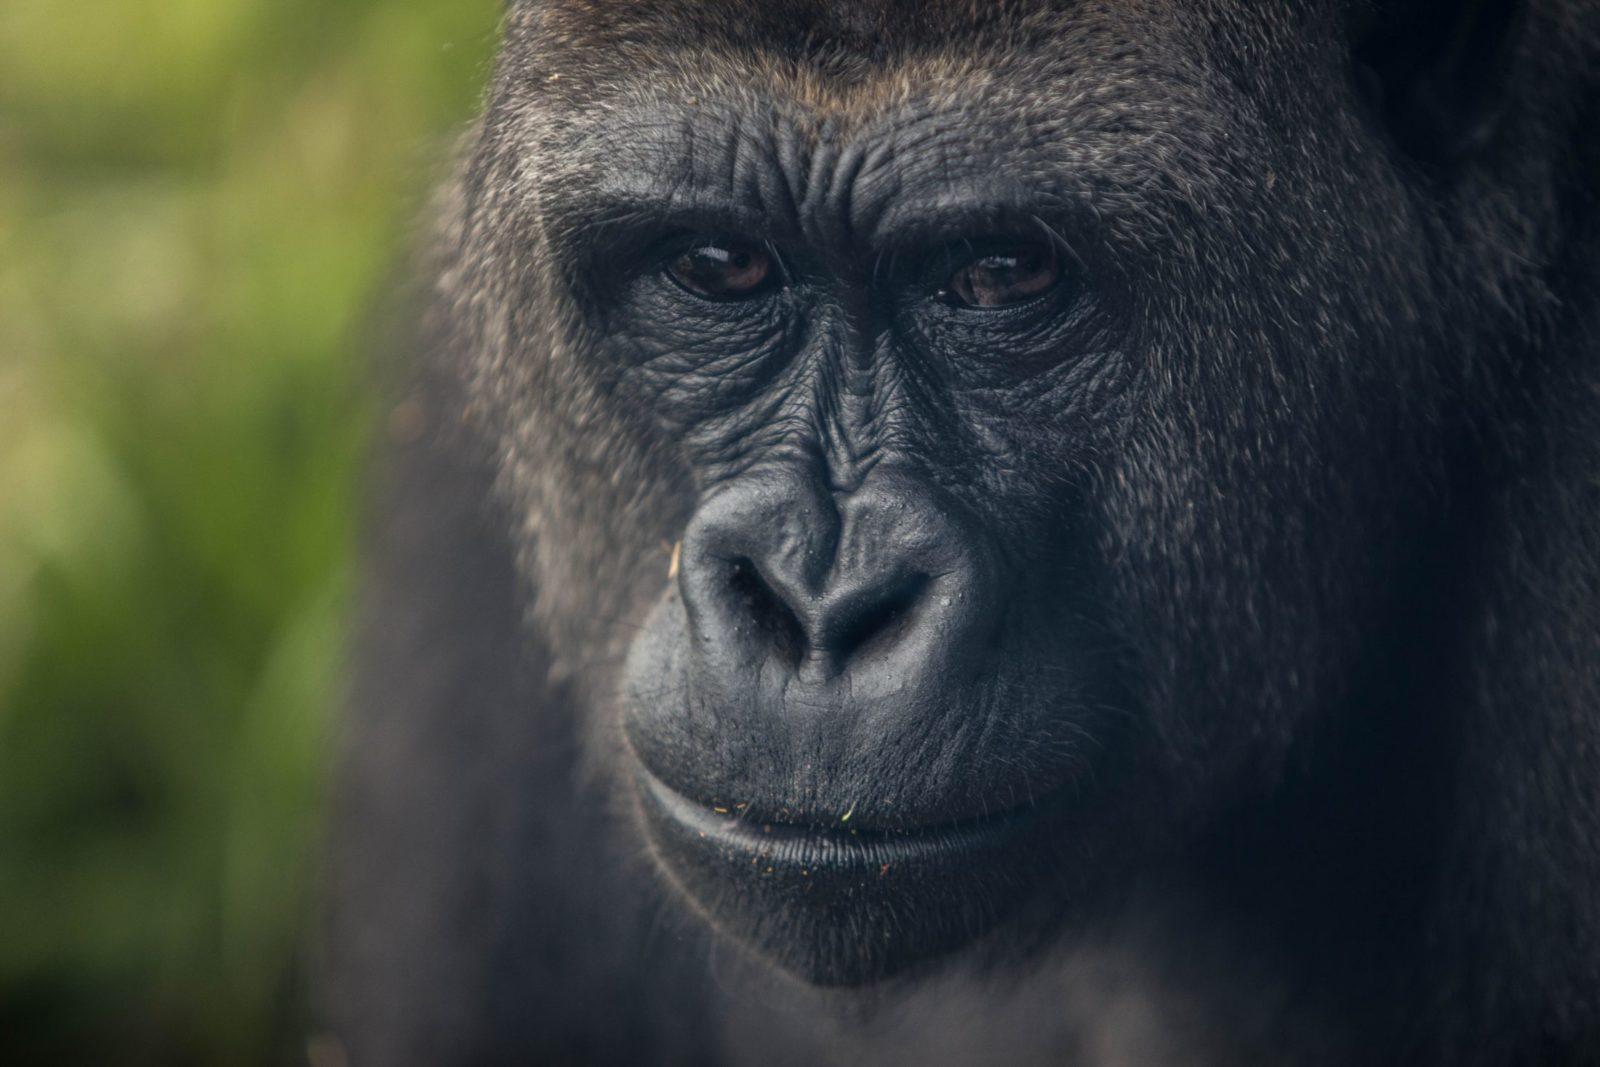 Sonhar com gorila grande é prosperidade.